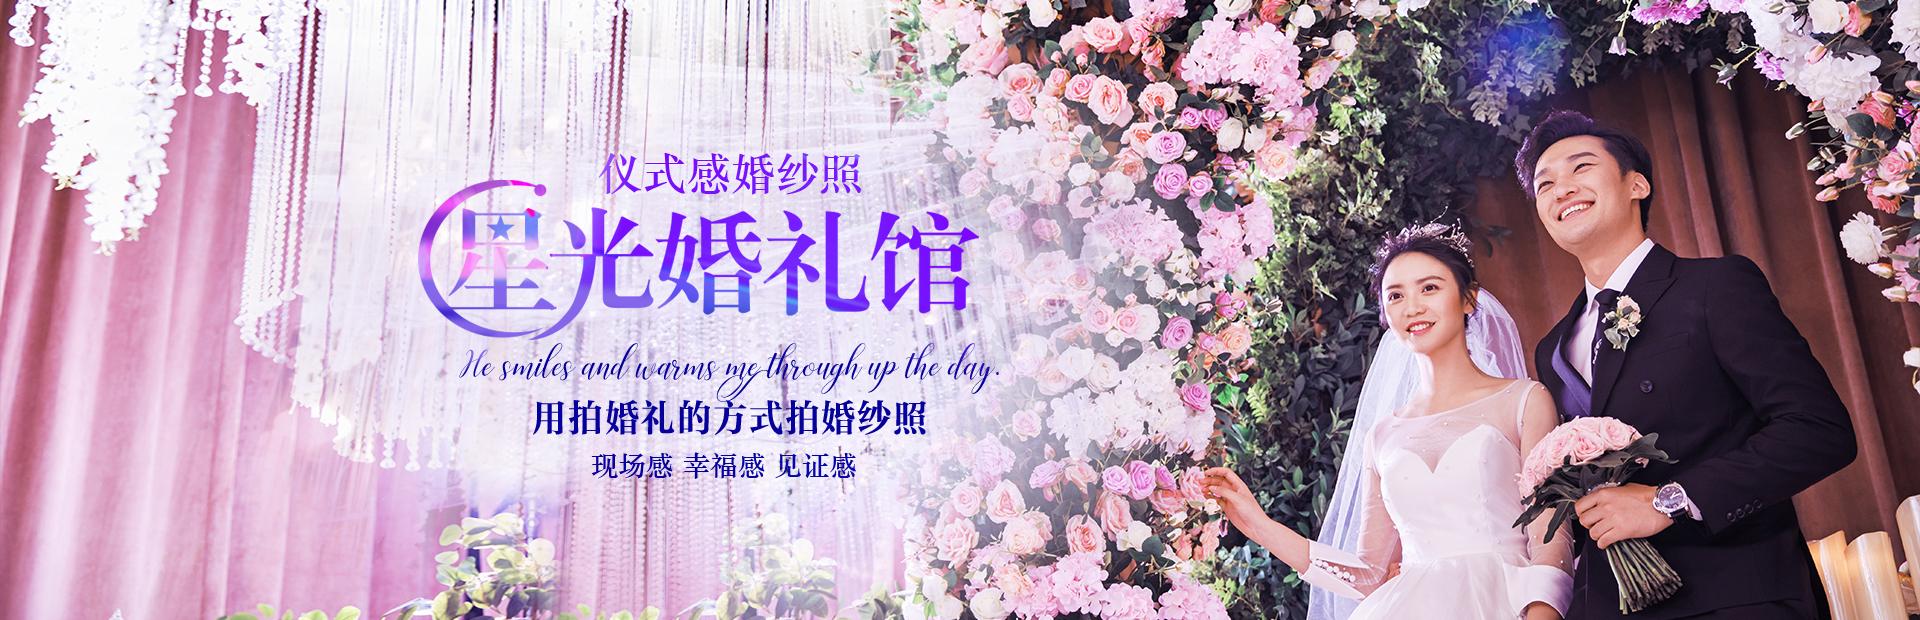 九五至尊vi婚纱仪式感婚纱照---星光婚礼馆